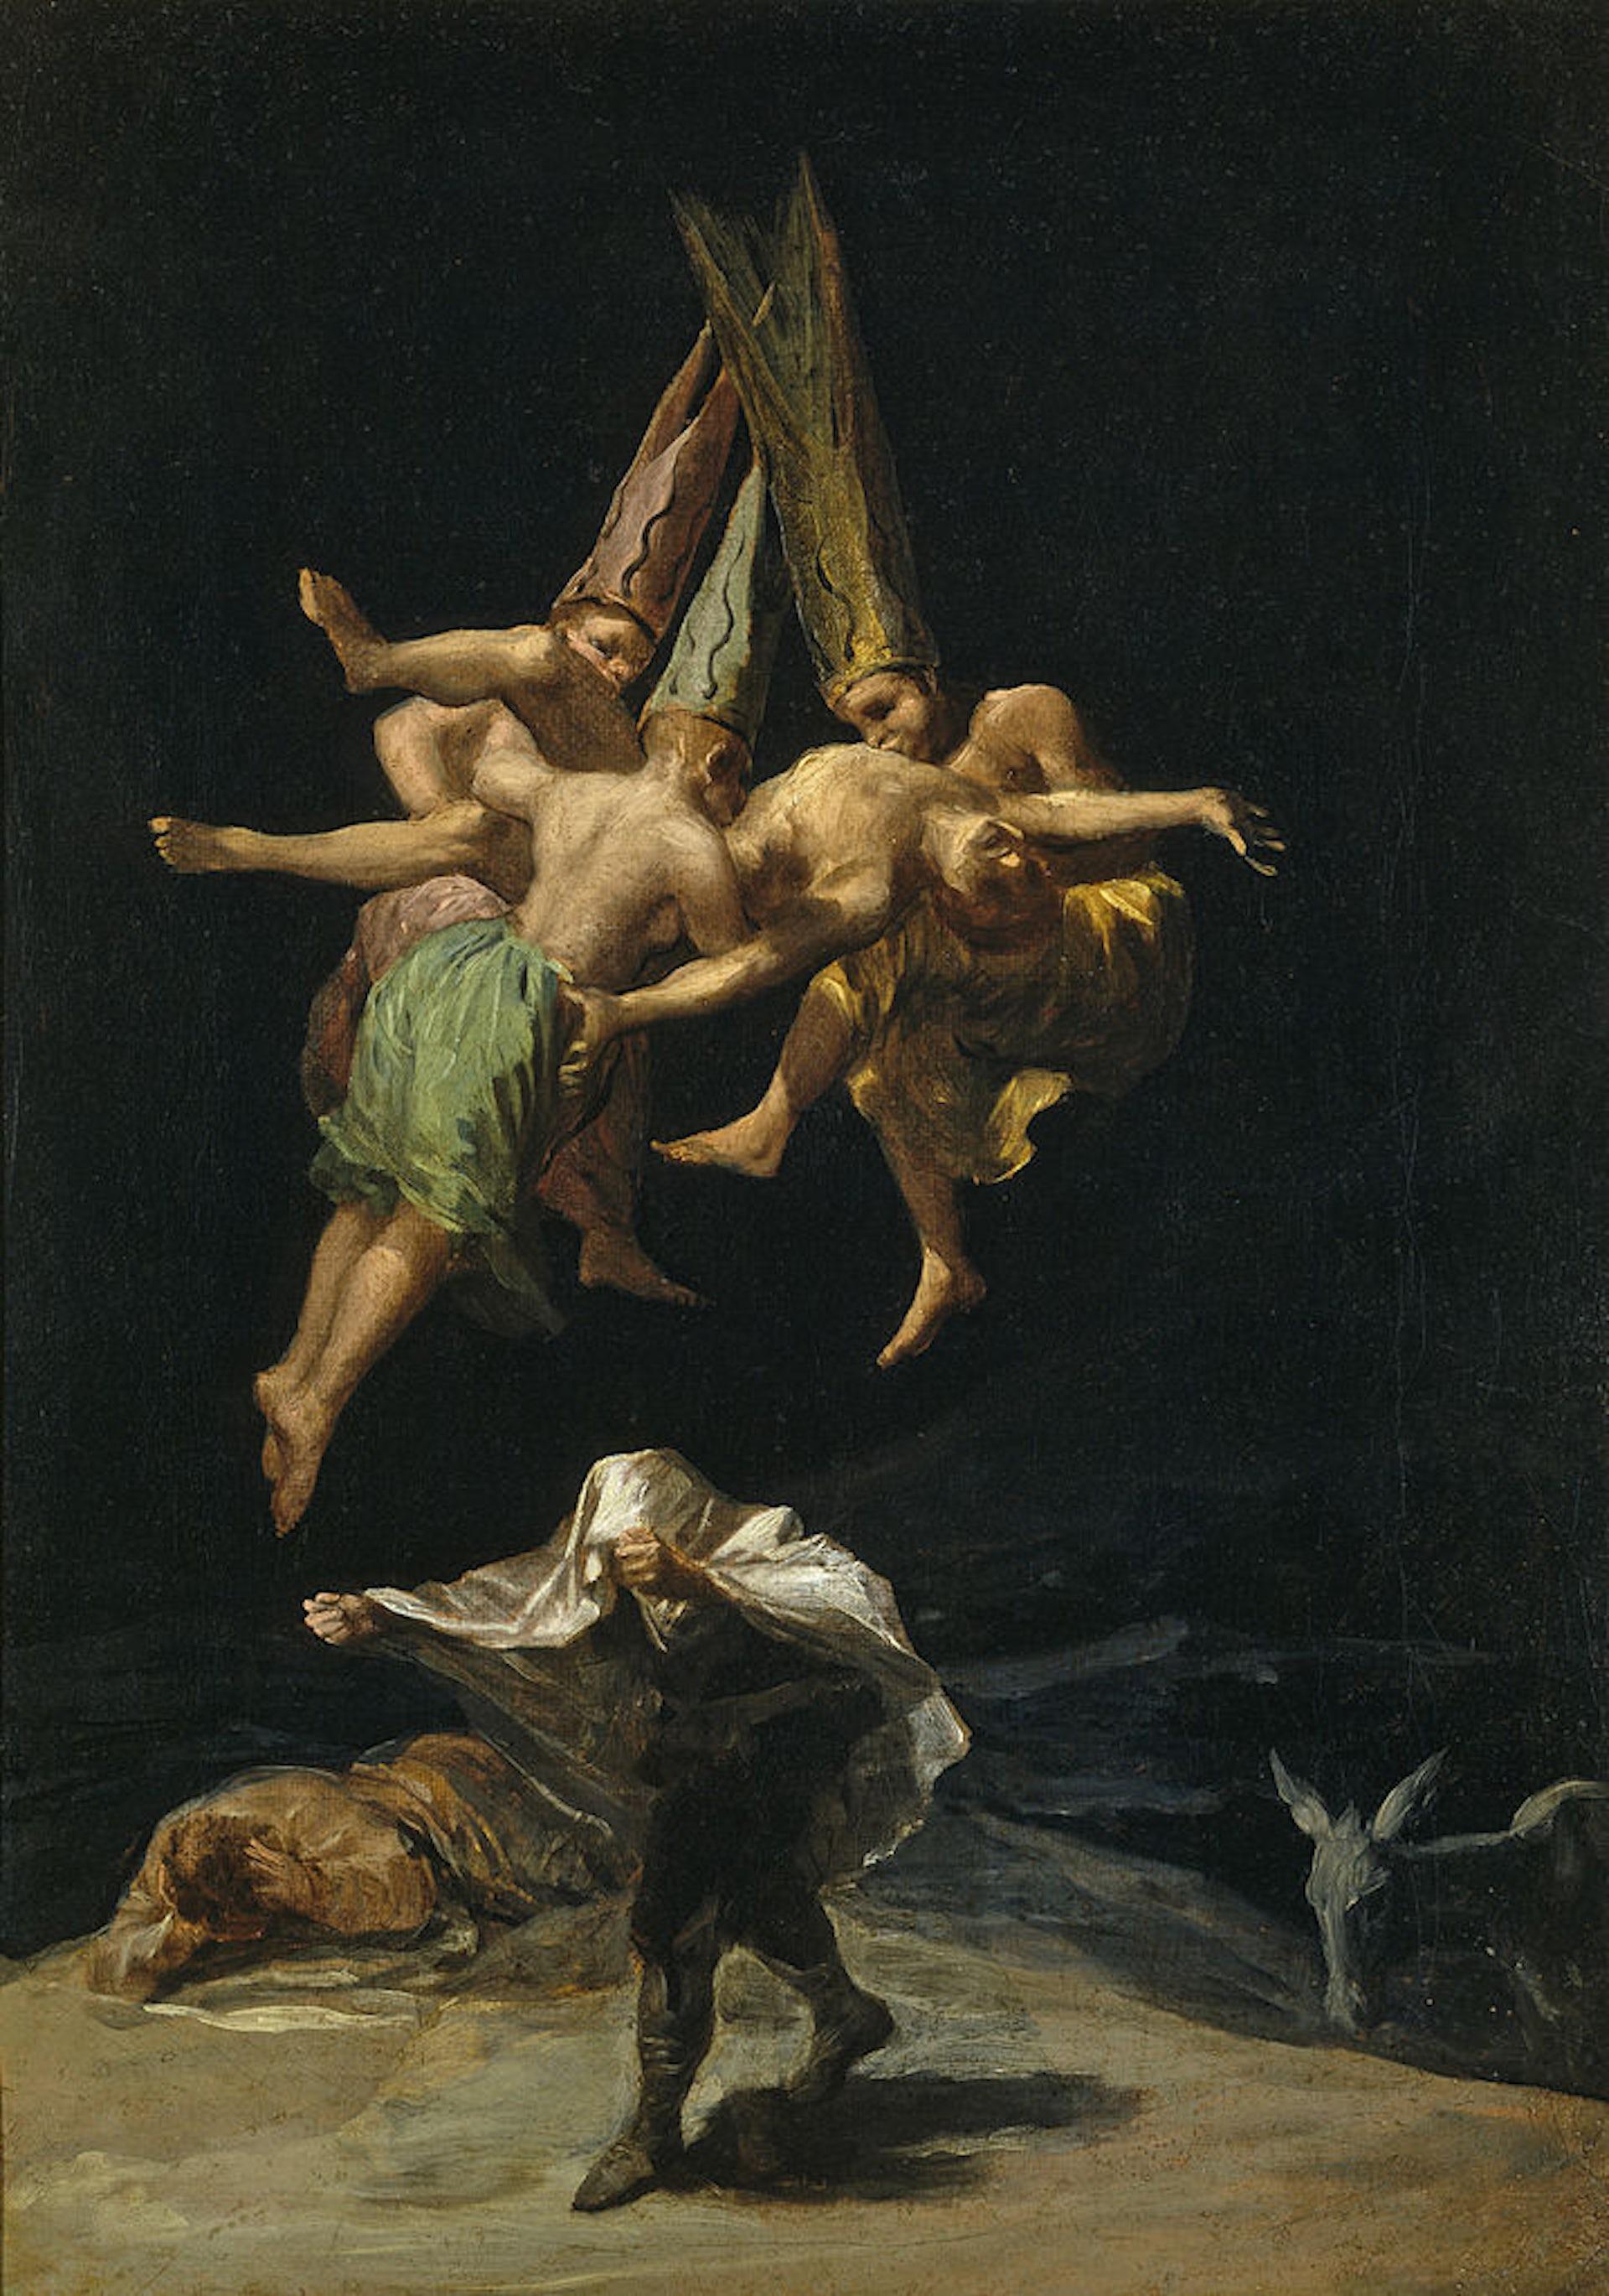 Vuelo de brujasde Francisco de Goya.Wikimedia Commons